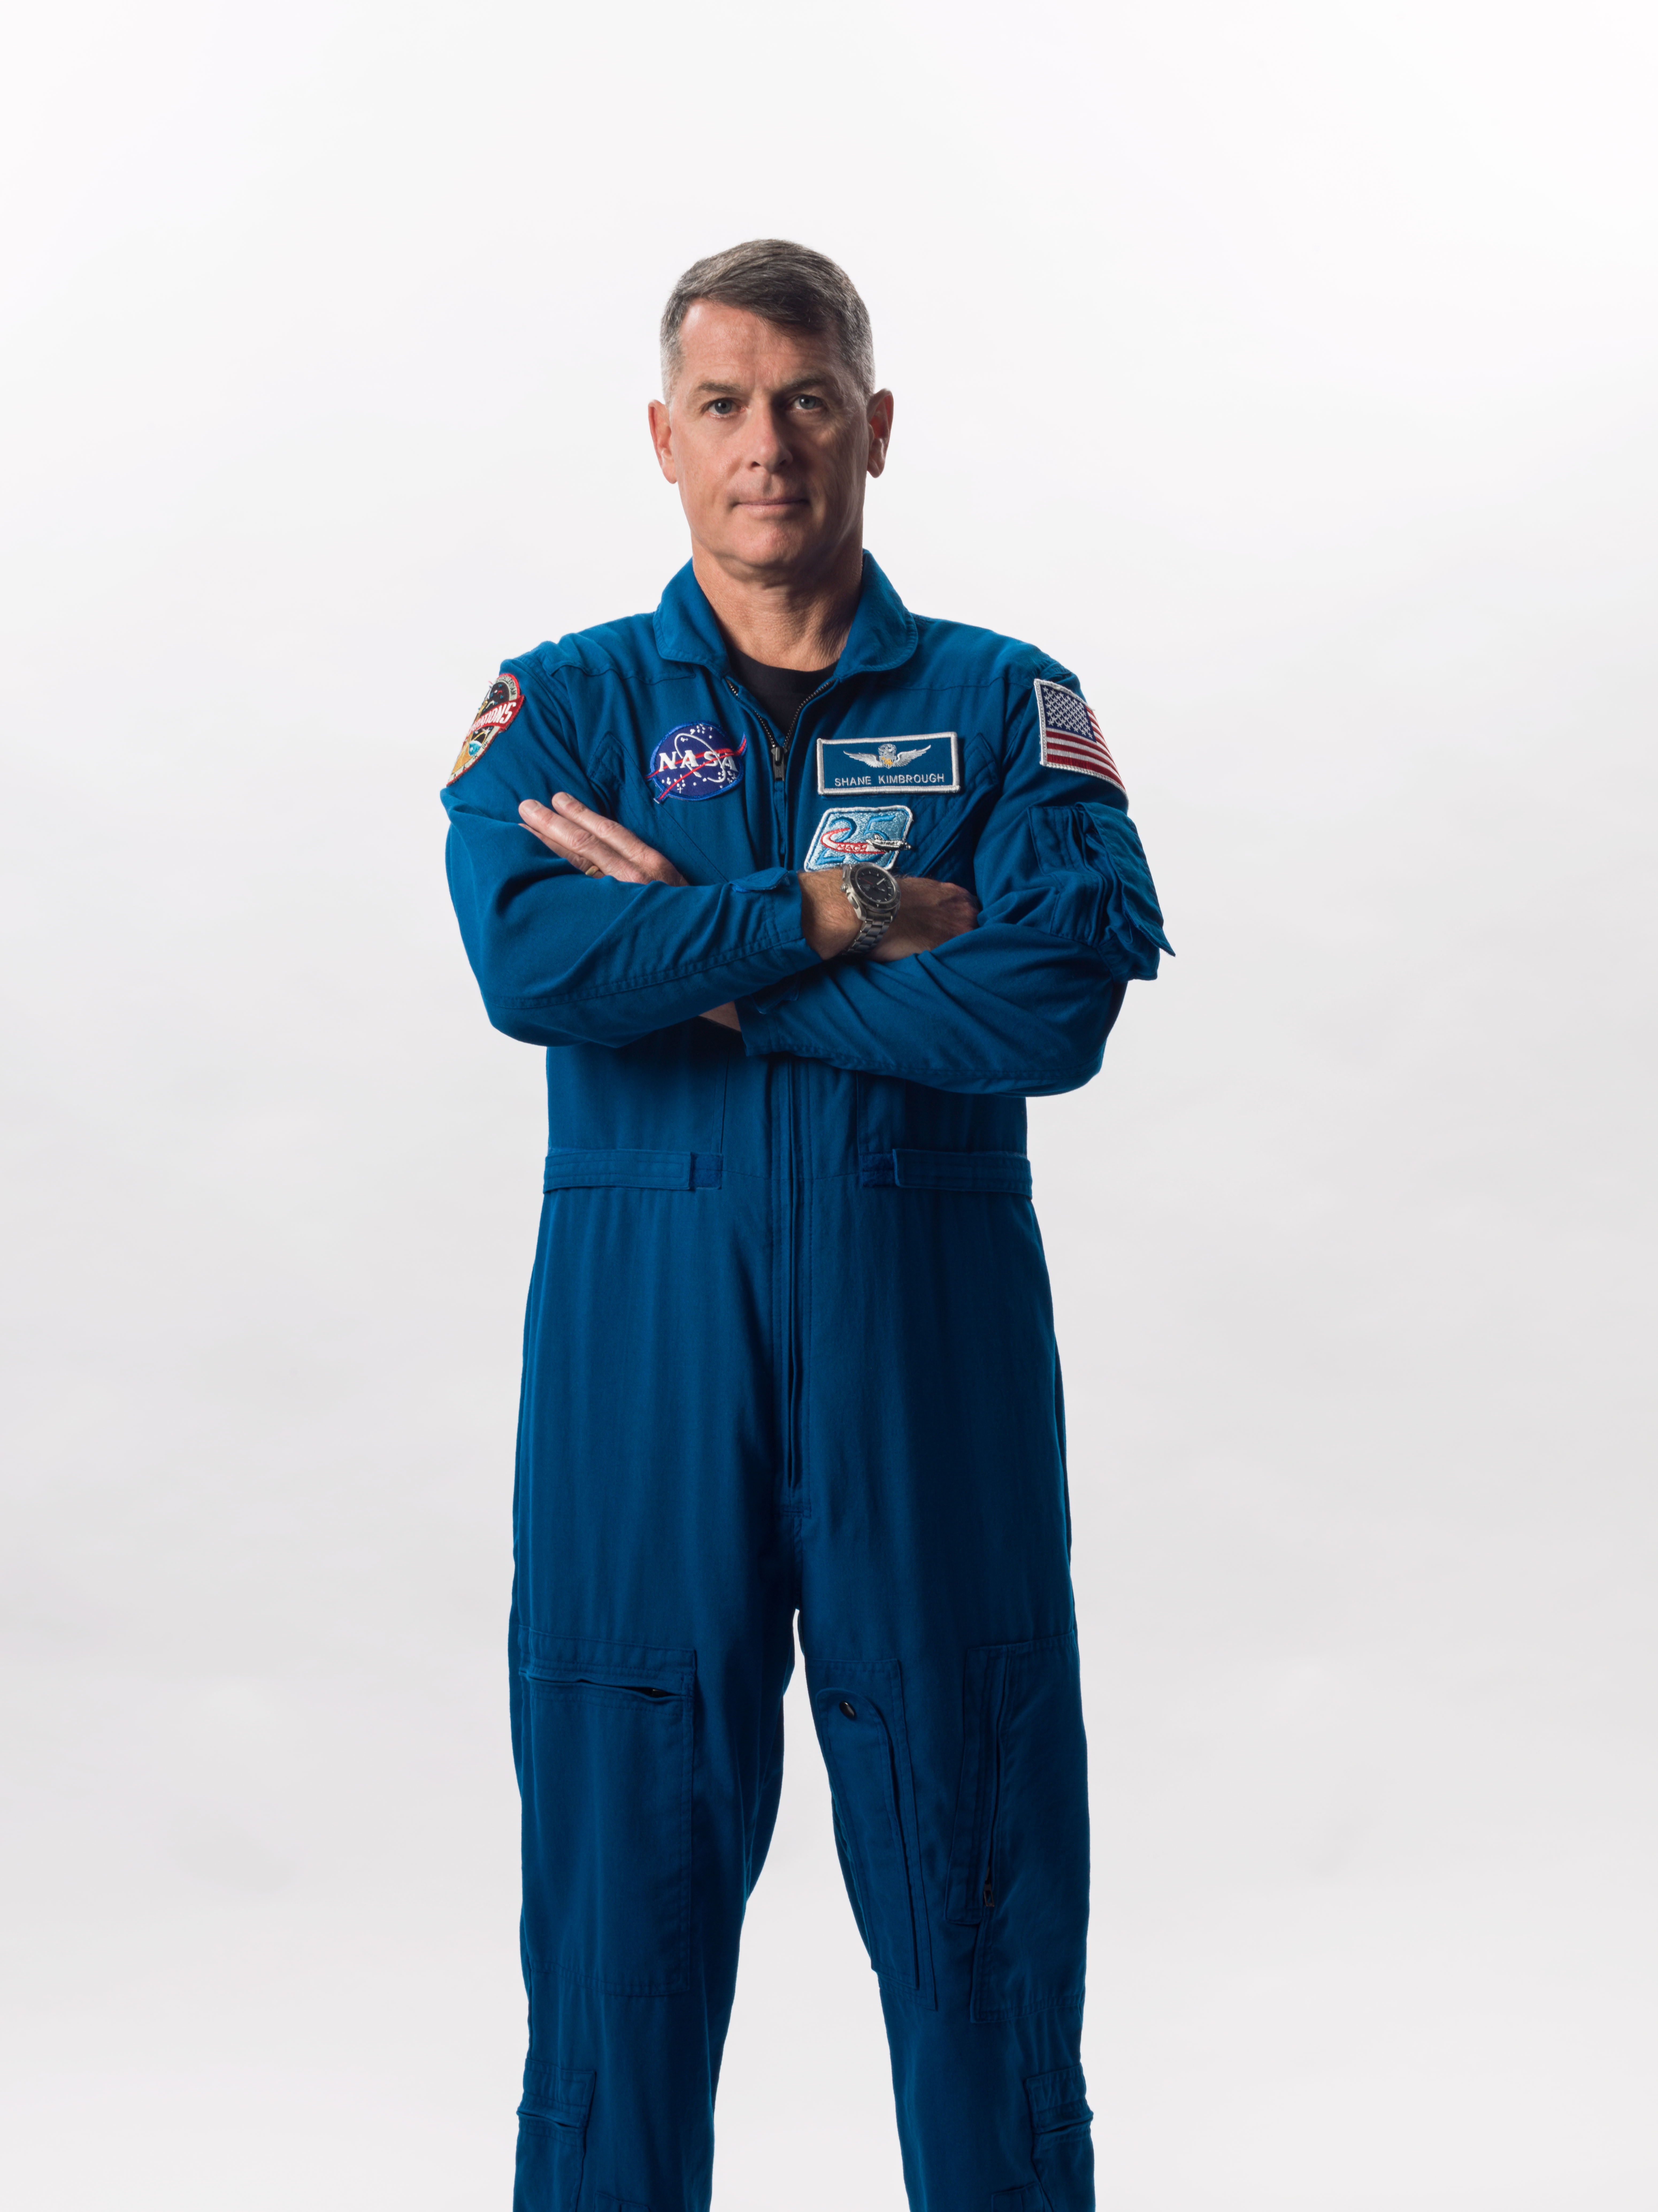 Crew-2 astronaut